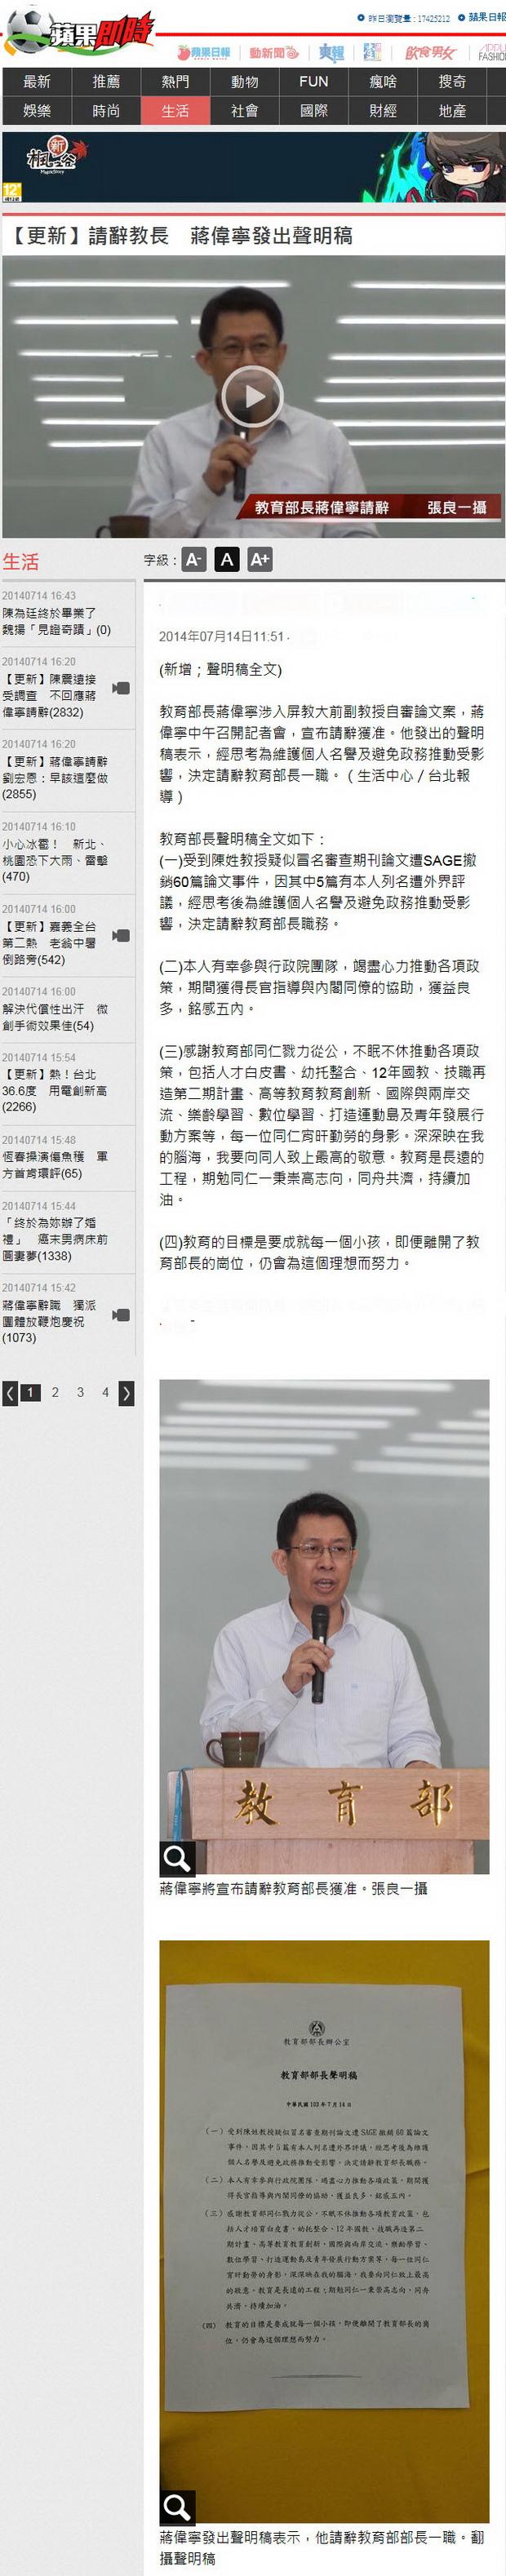 請辭教長 蔣偉寧發出聲明稿-2014.07.14.jpg